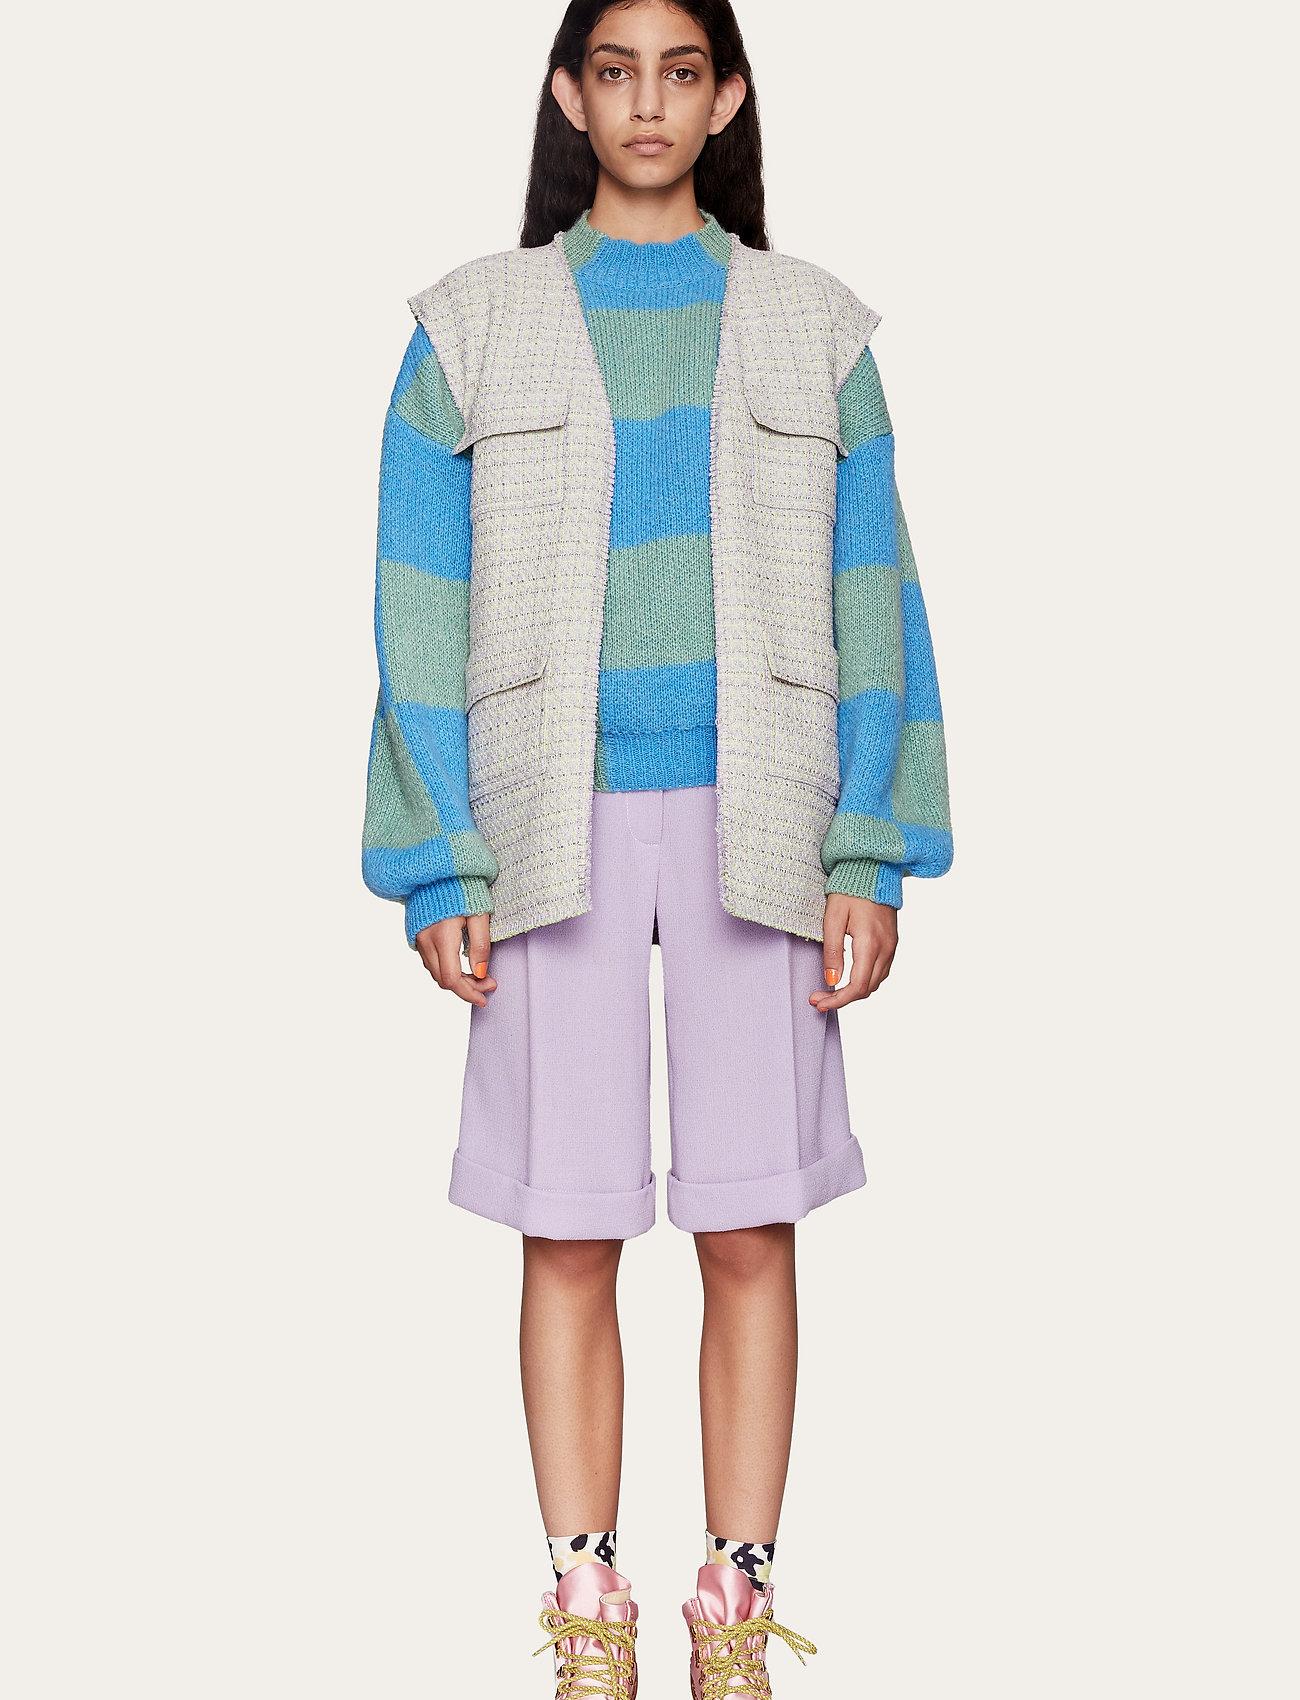 STINE GOYA - Estella, 1113 Iris Tailoring - bermudashorts - lilac - 0